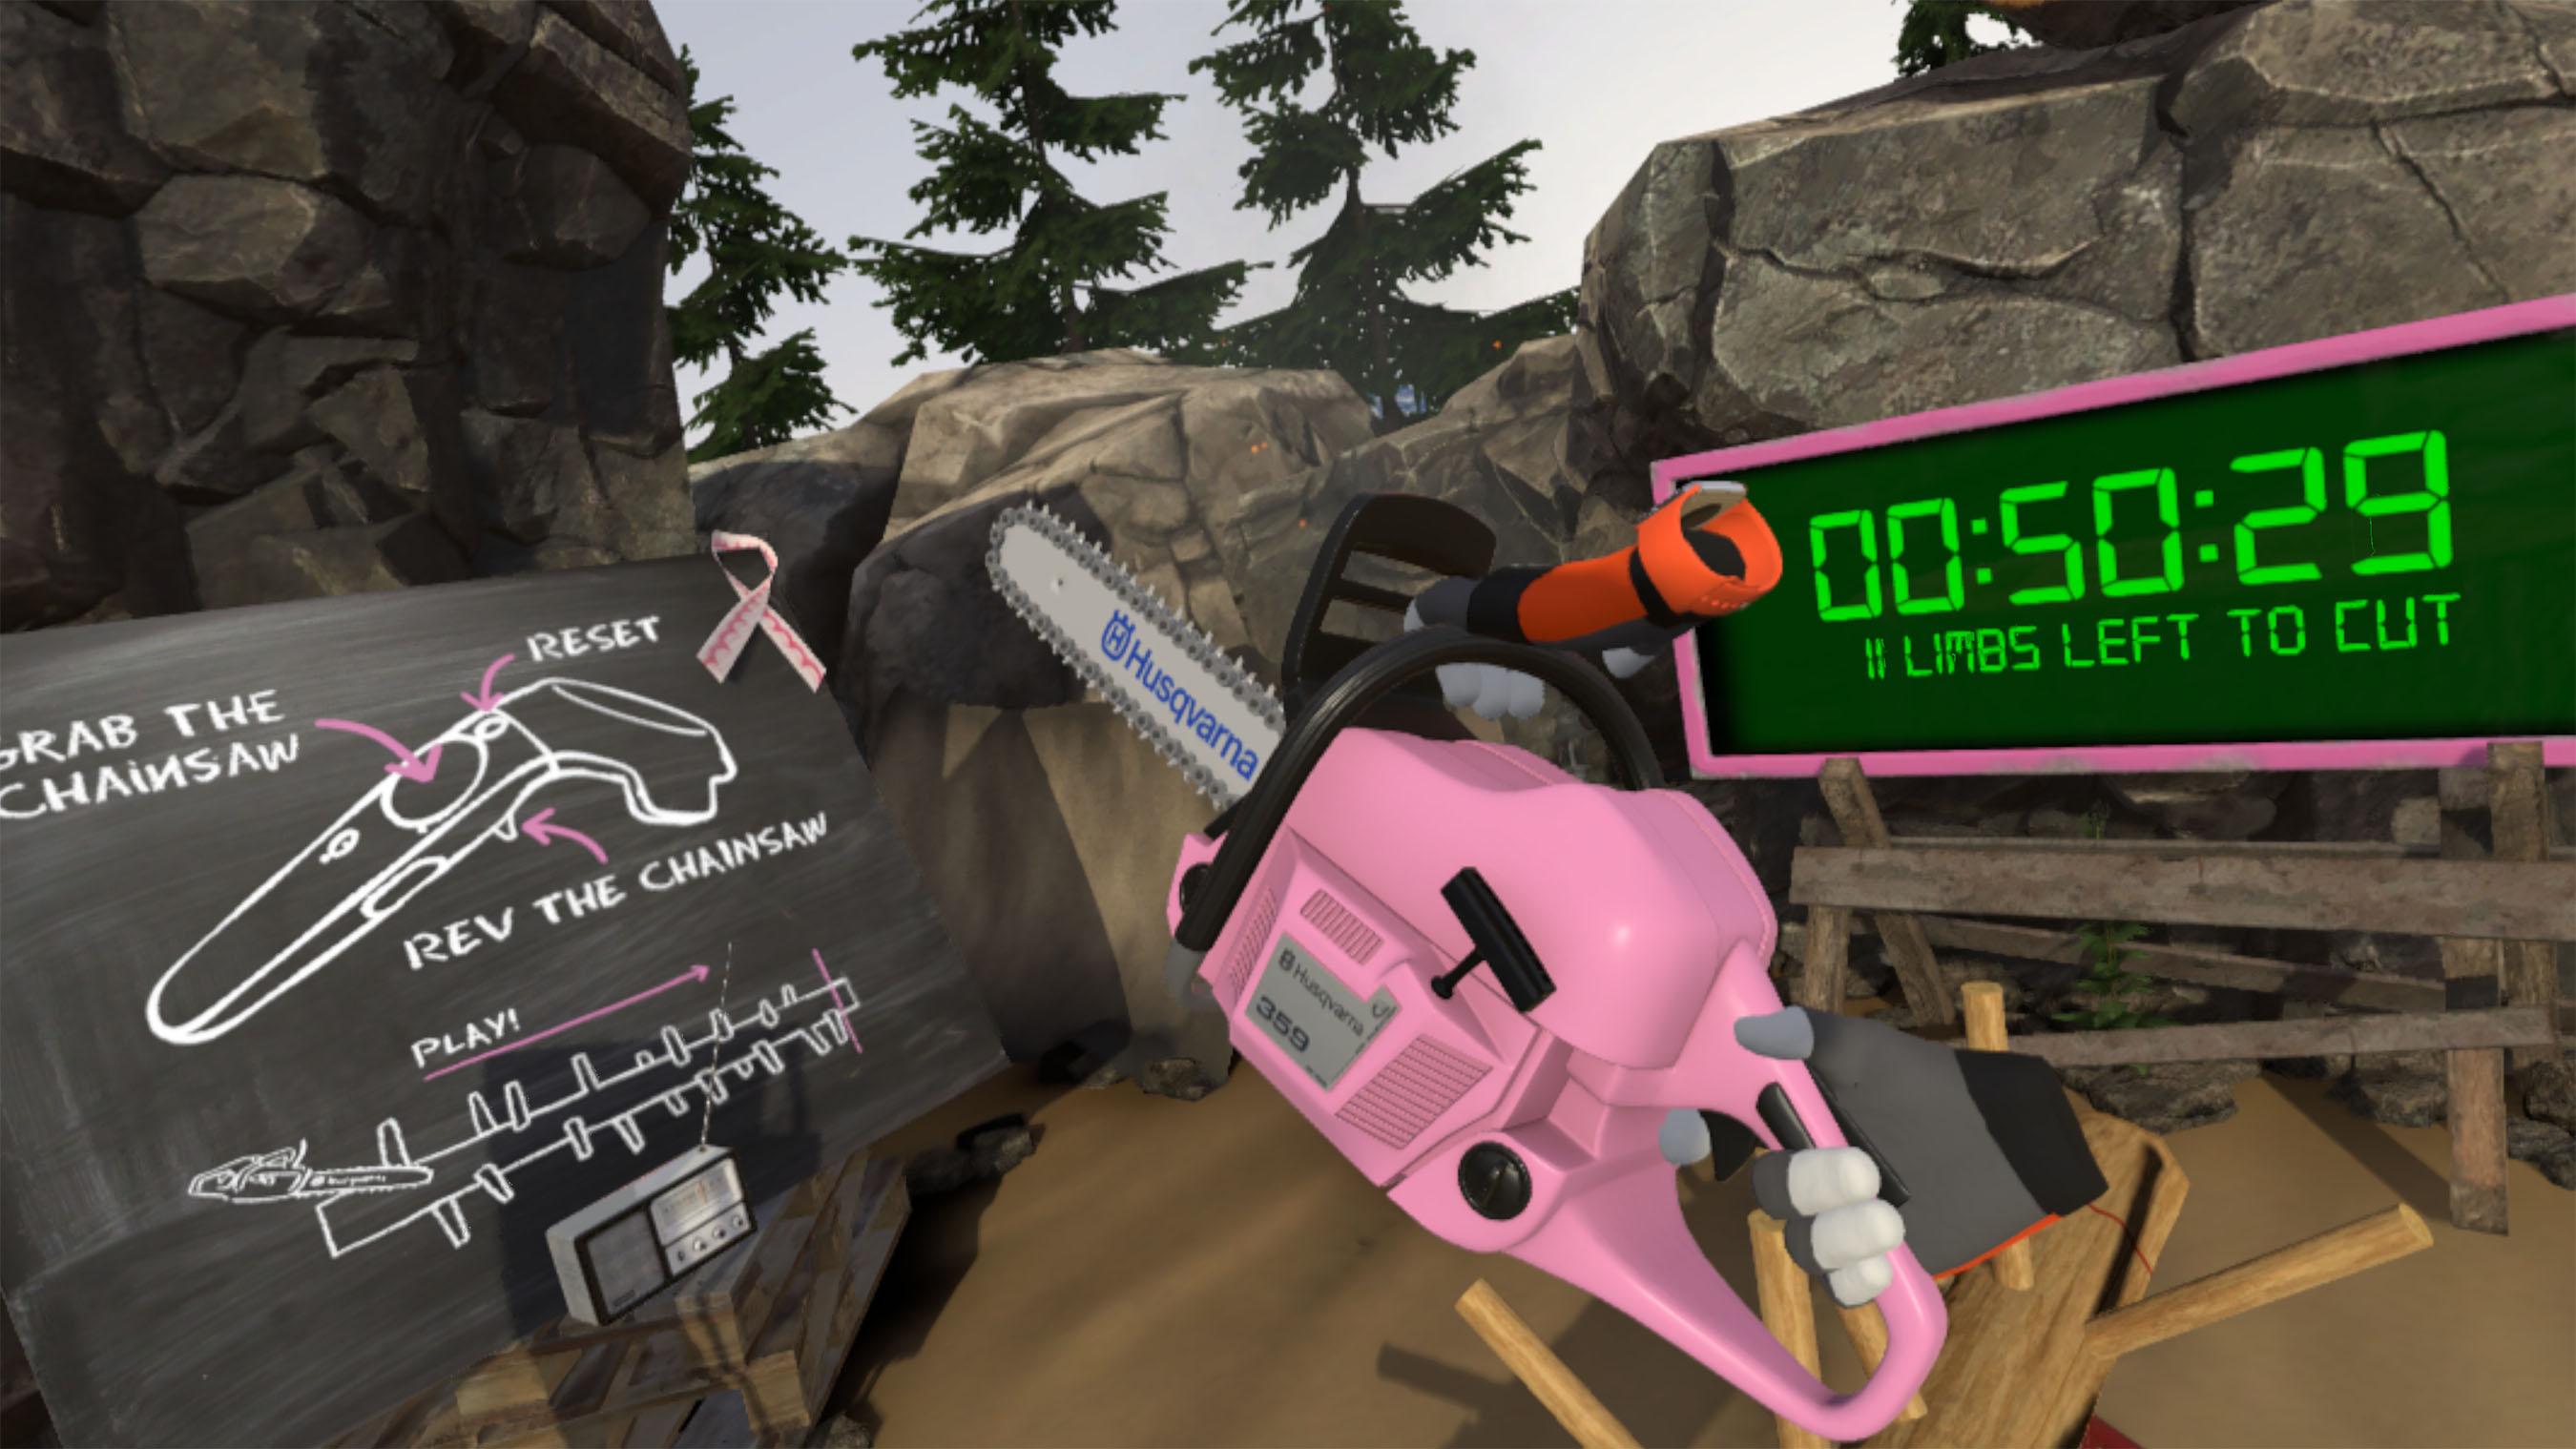 Husqvarna Limberjack Pink October Hr